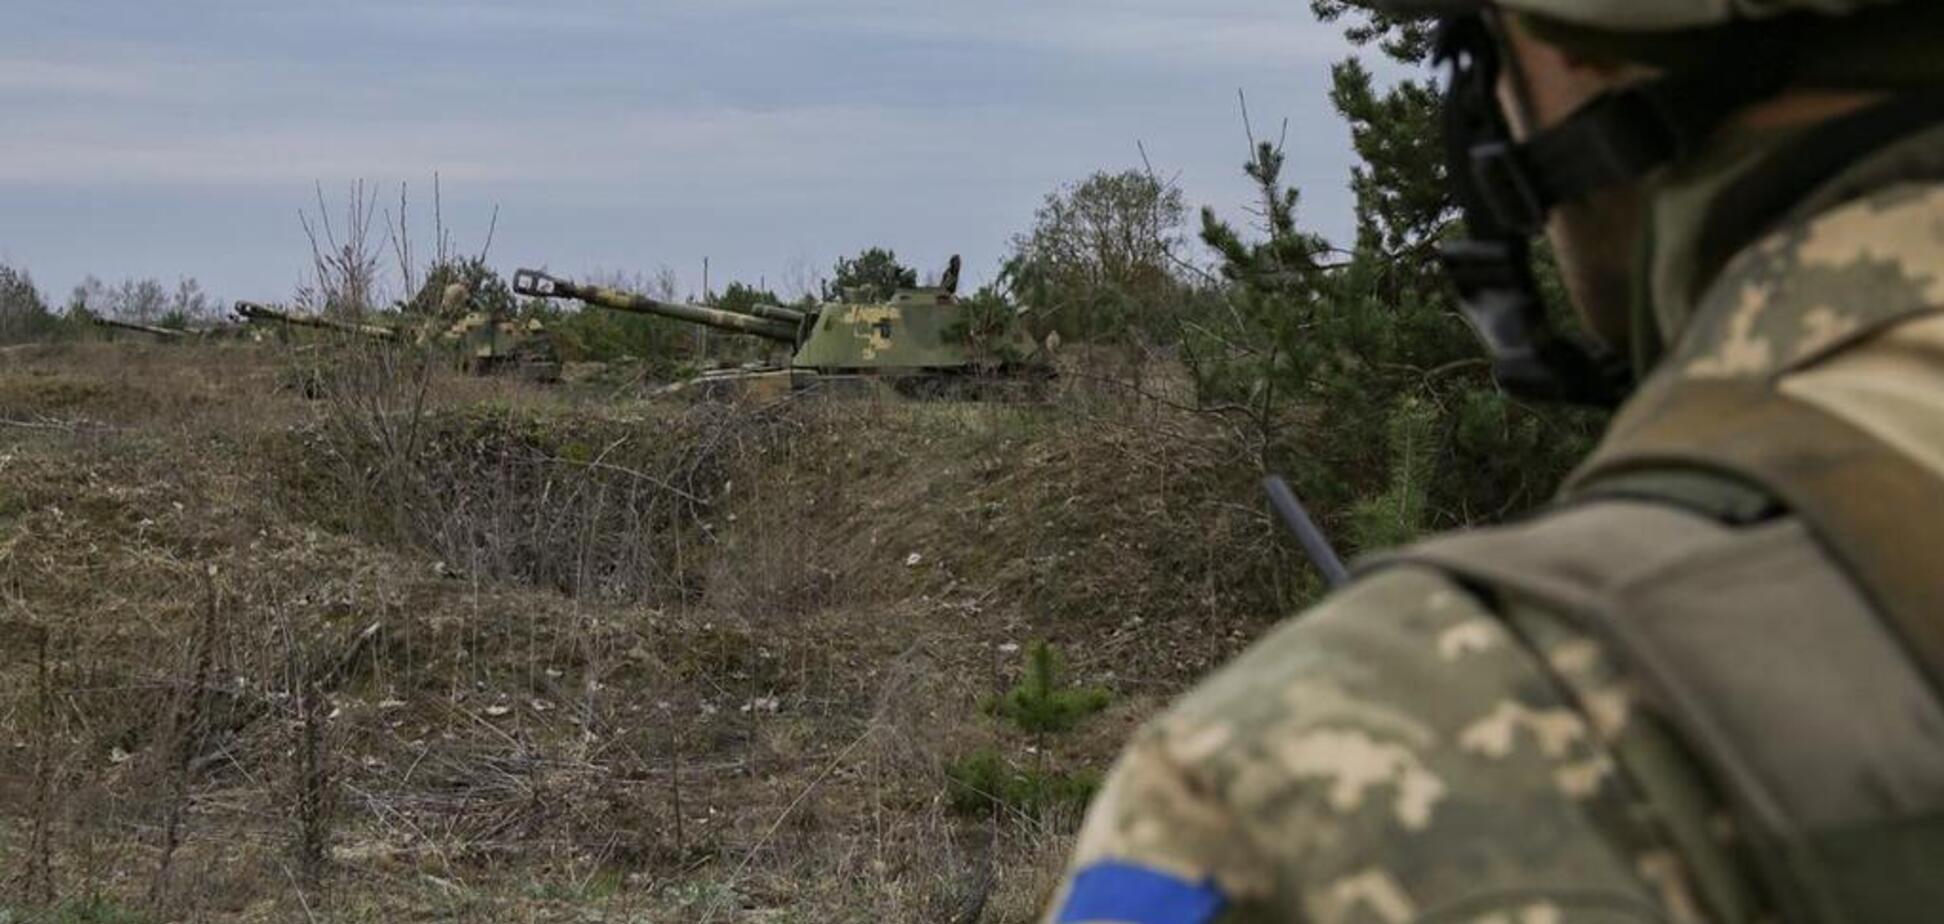 Свинарев все: на Донбассе ликвидировали предателя Украины. Фото террориста